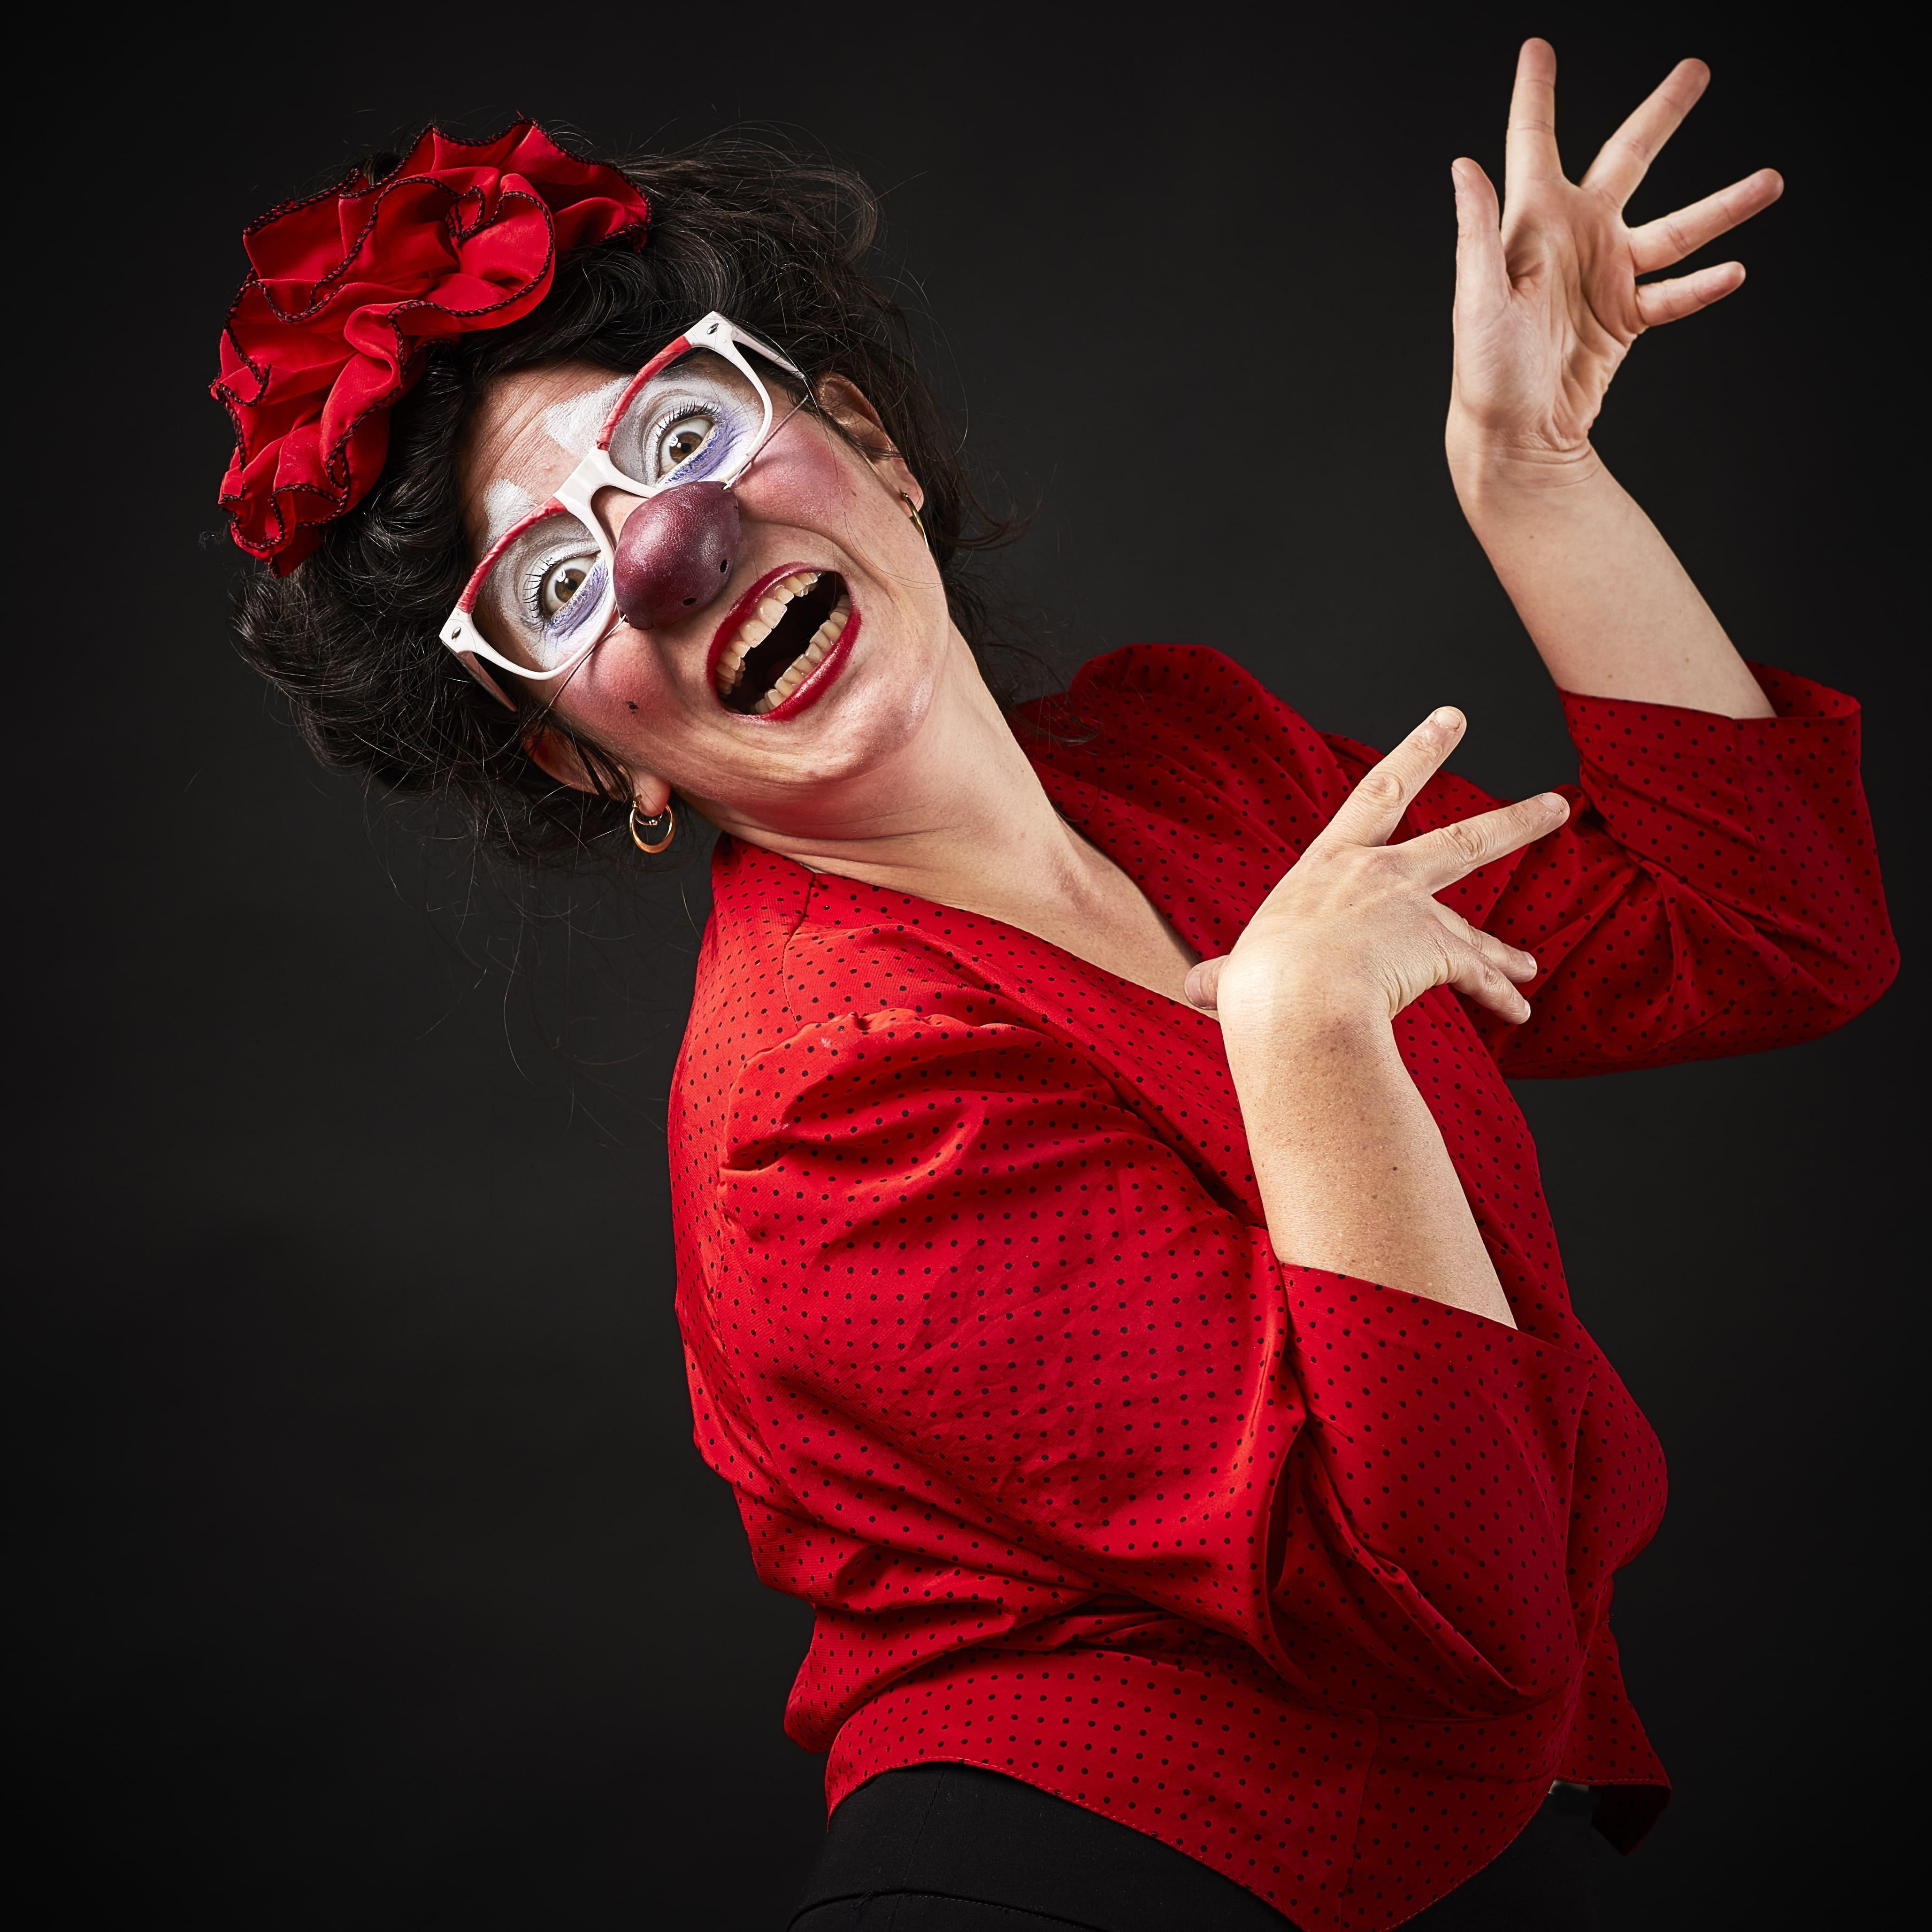 Plateaux jeunes projets clown/marionnette Théâtre aux Mains Nues 2020-01-17T20:00:00+01:00